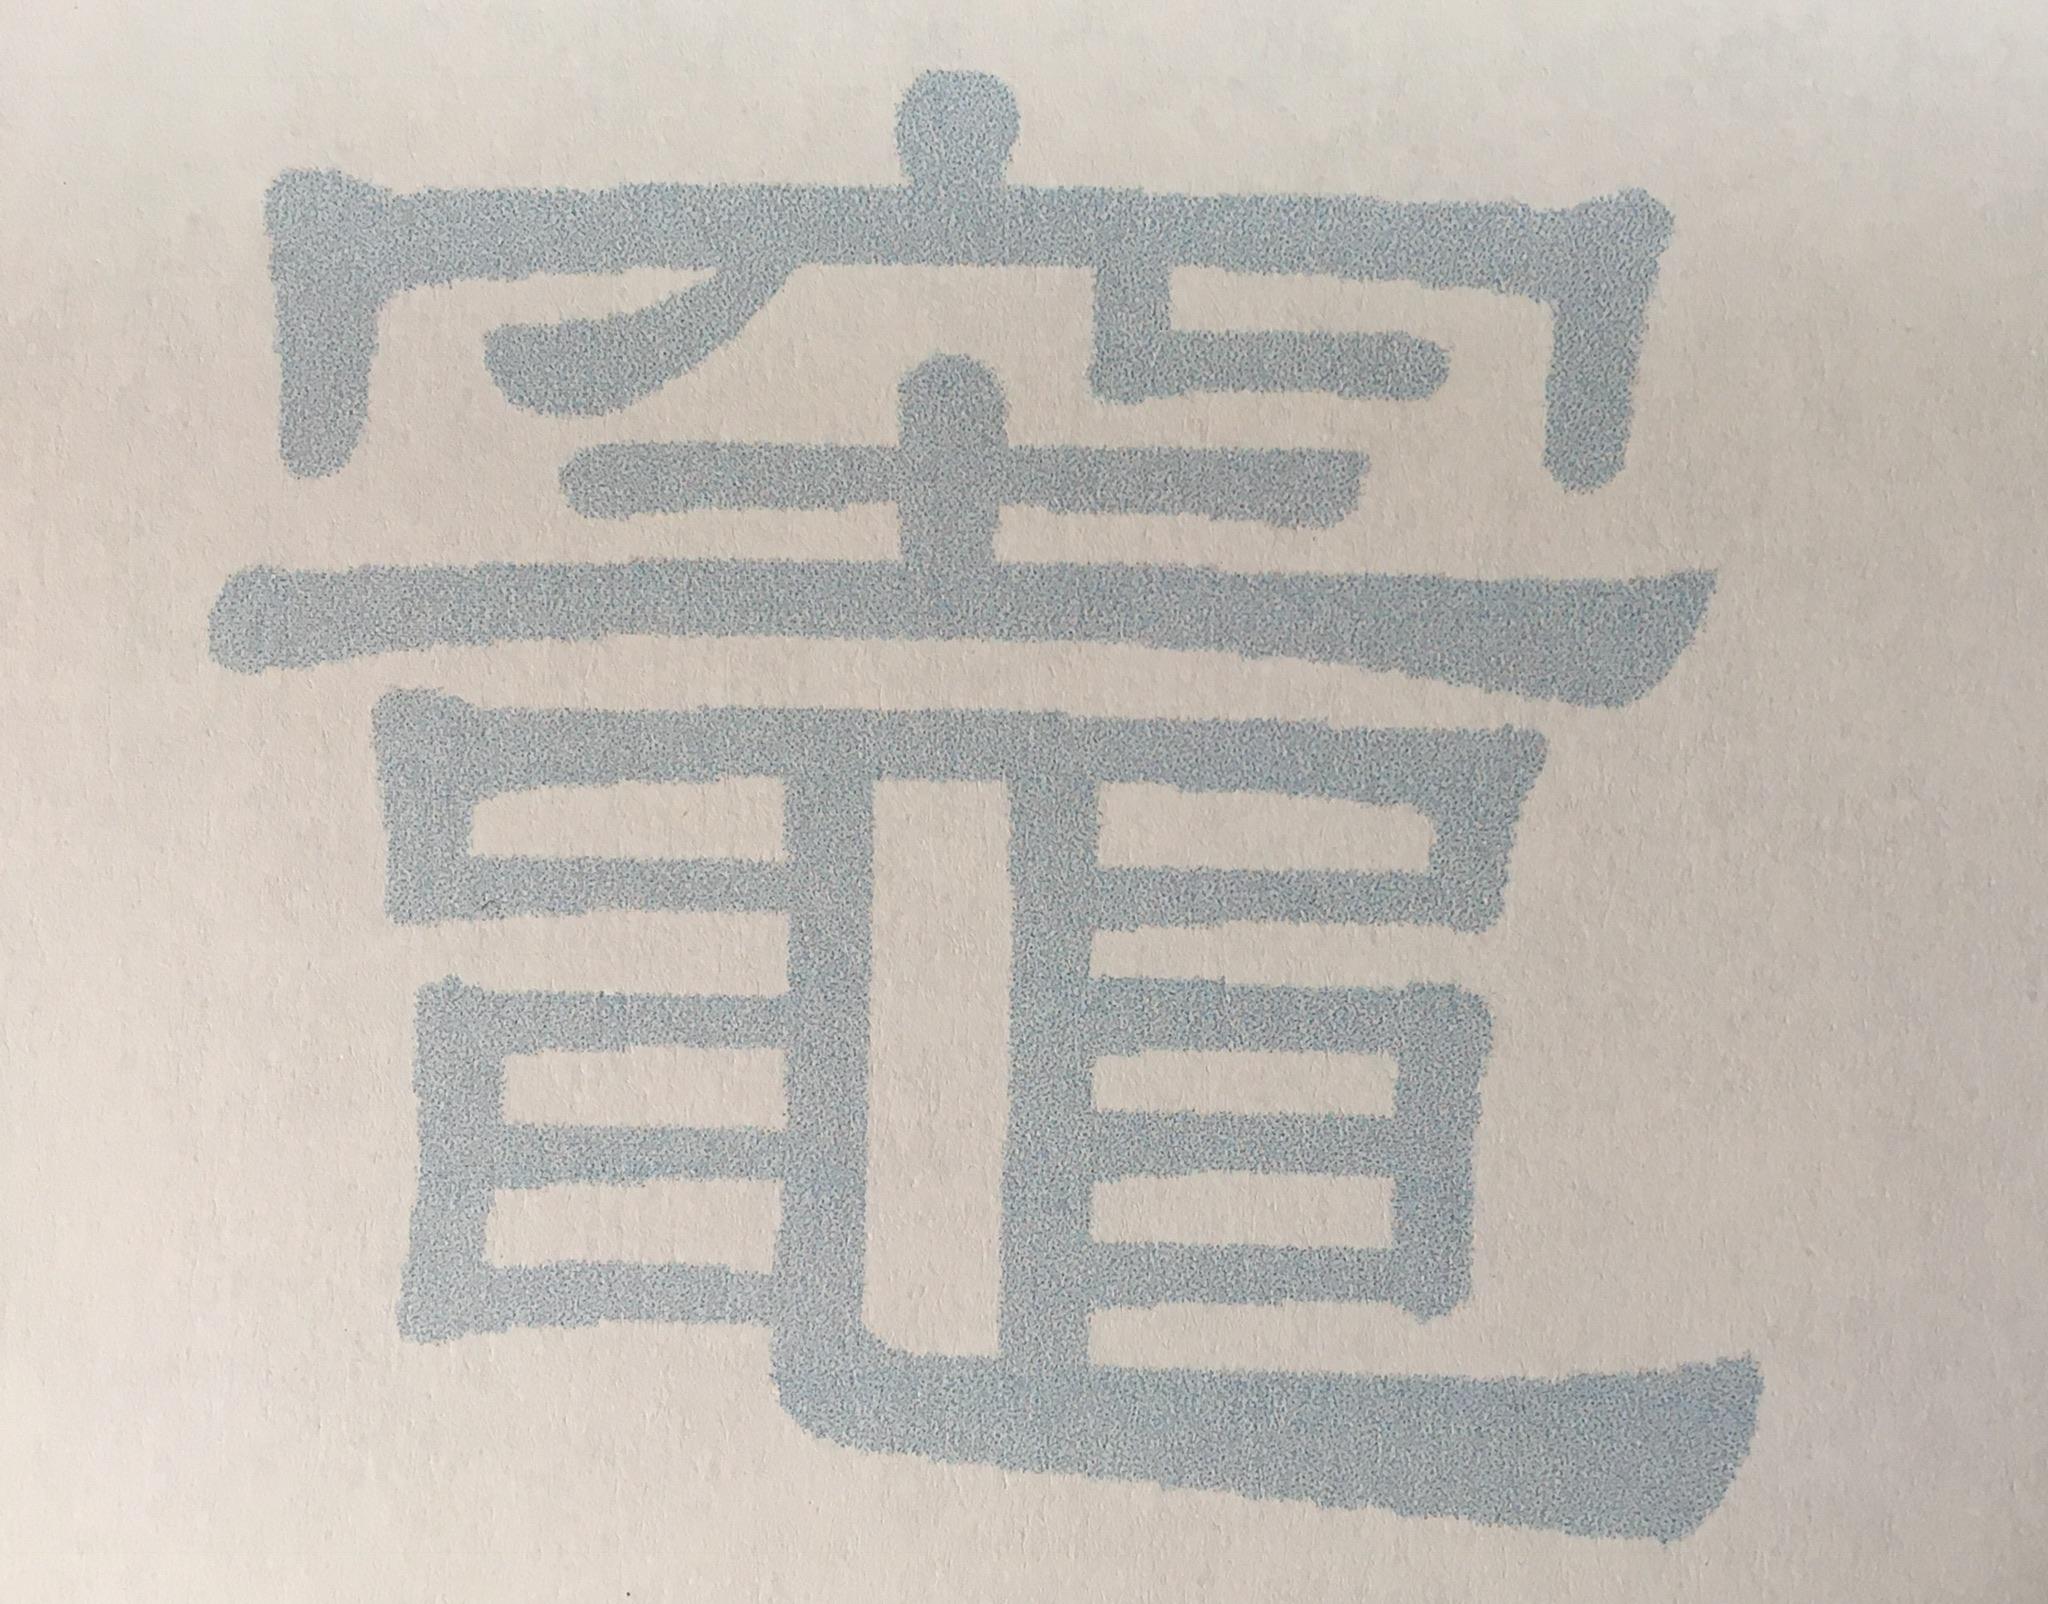 塩竃市,竈の書き順,自動再生,正しく書ける,竈門炭次郎